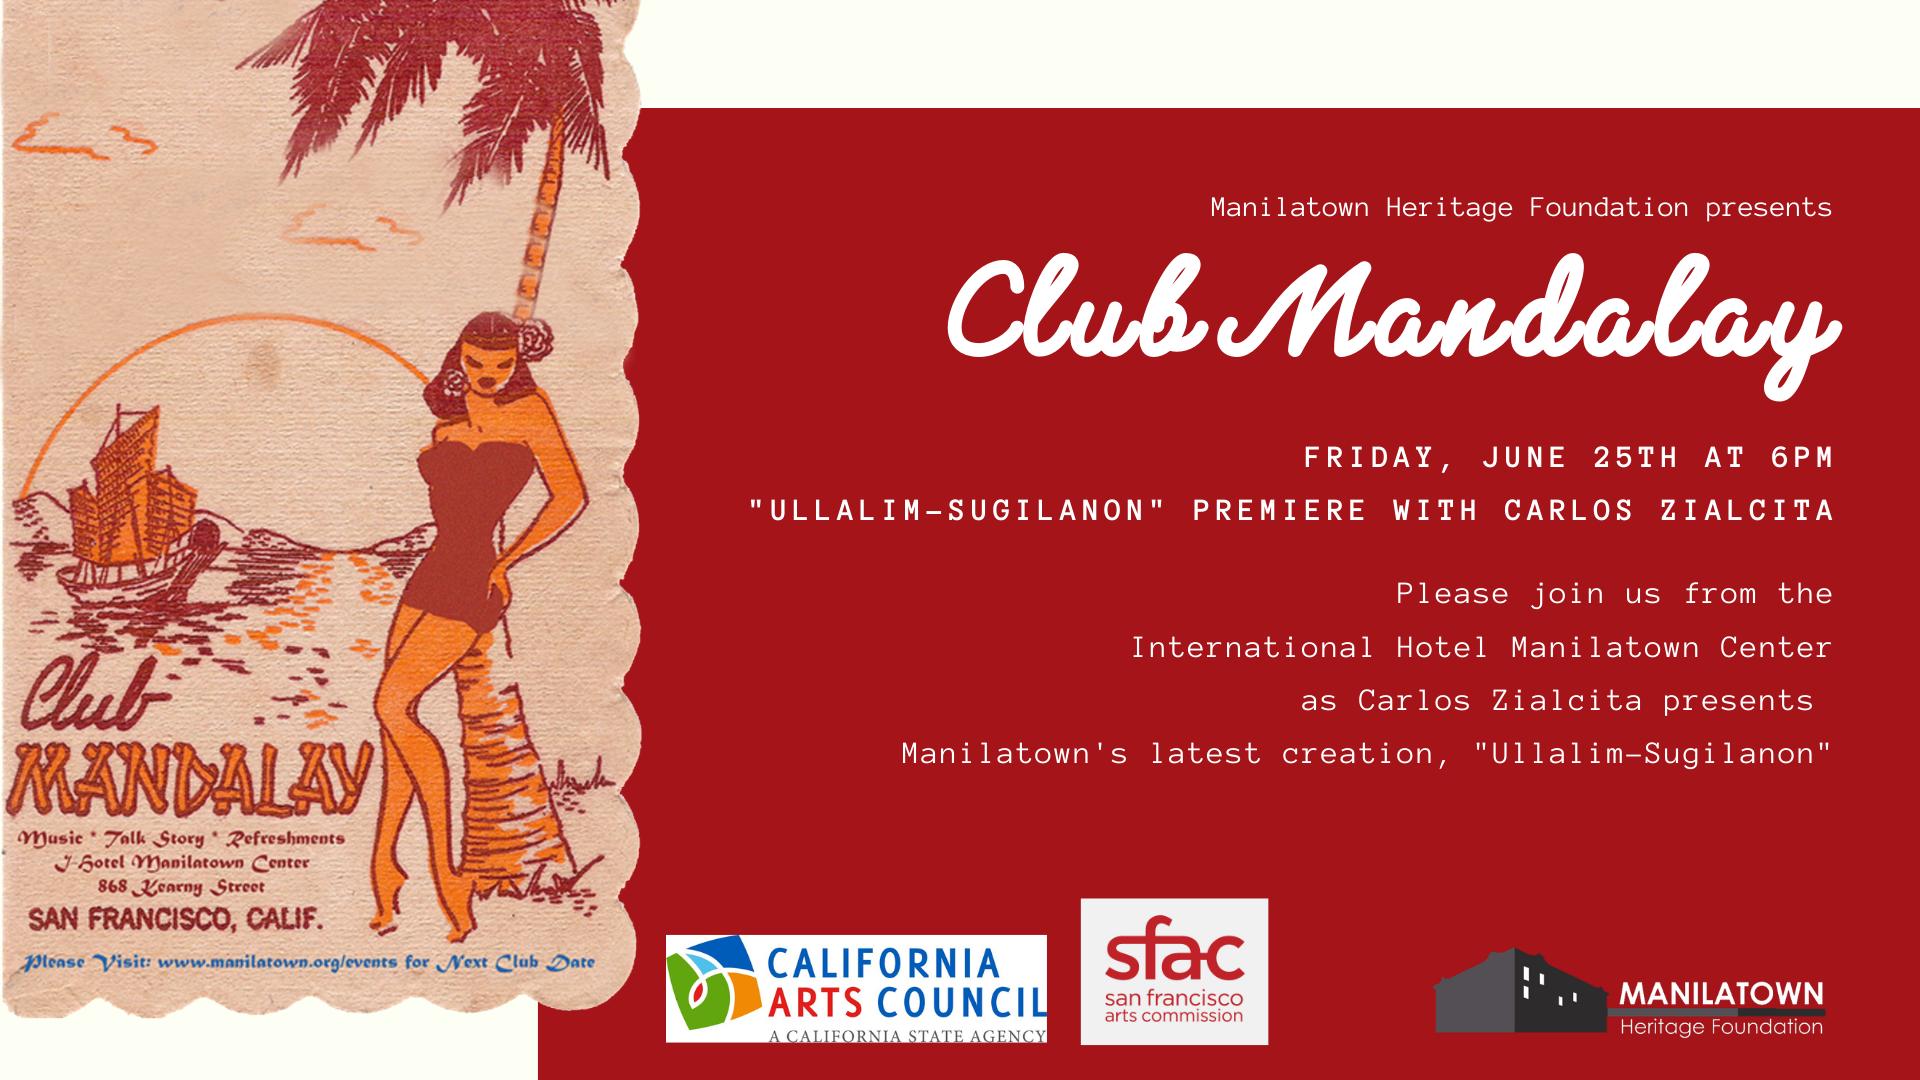 Club Mandalay FacebookEventbrite